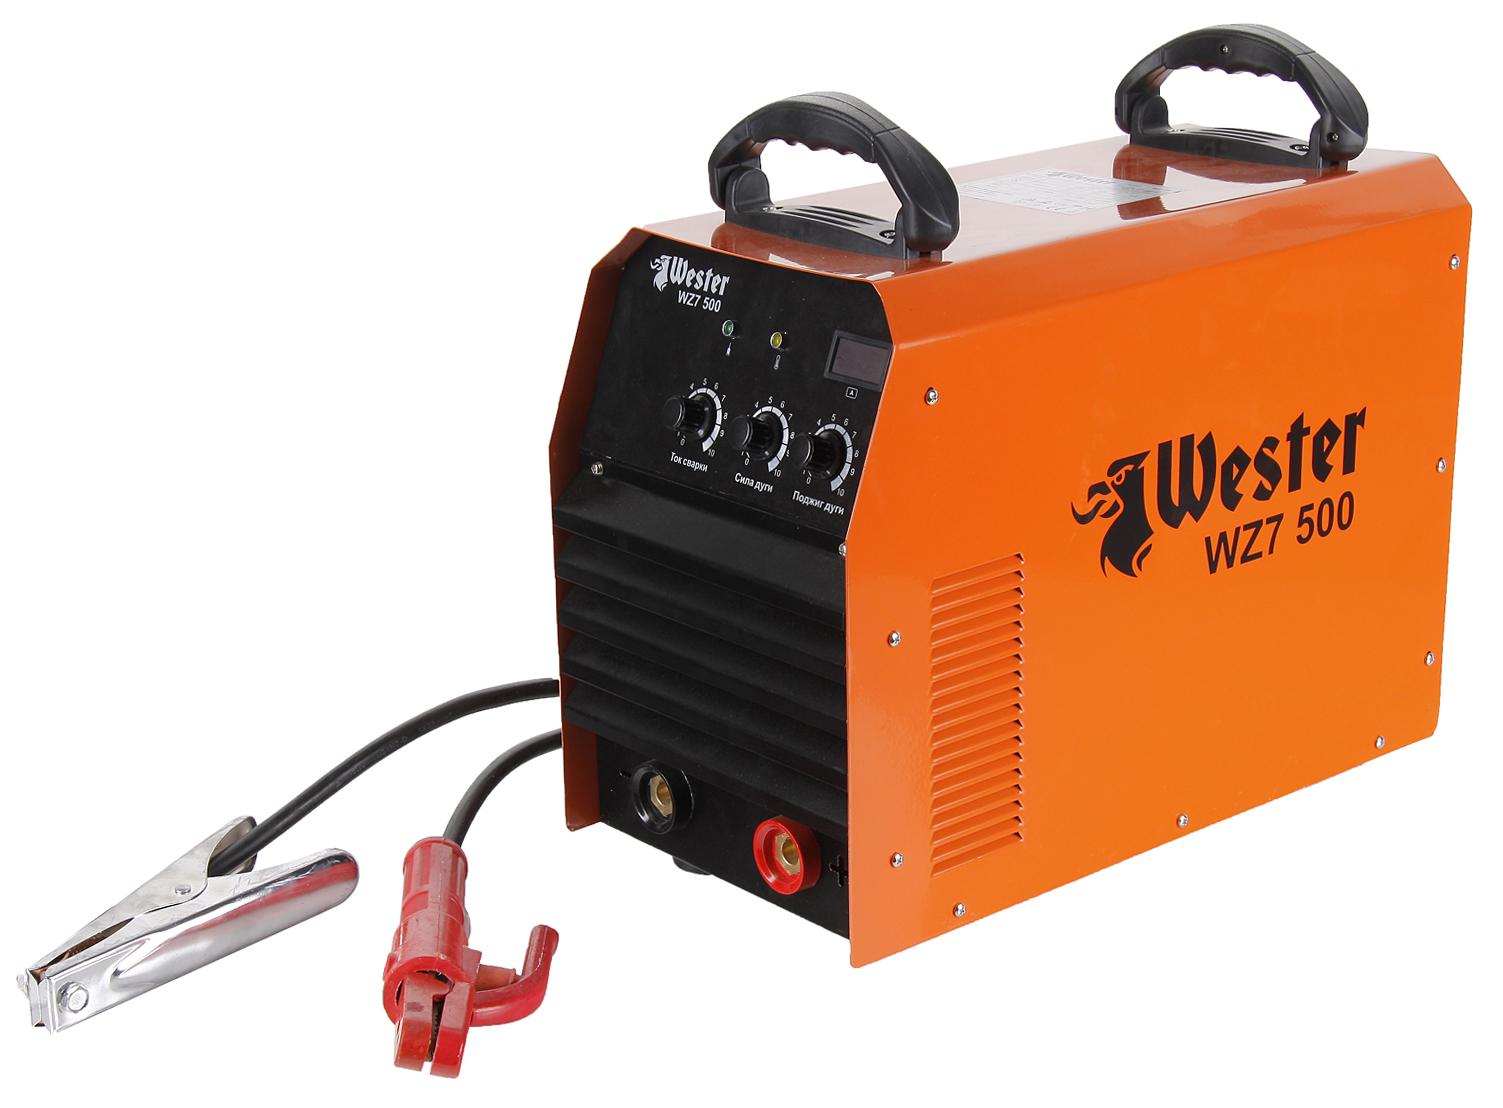 Сварочный инвертор WesterСварочное оборудование<br>Макс. сварочный ток: 500,<br>Мощность: 23700,<br>Мощность полная: 24000,<br>Напряжение: 380,<br>Мин. входное напряжение: 342,<br>Выходной ток: 50-500,<br>Напряжение холостого хода: 67,<br>Потребляемый ток: 28,<br>Мин. диаметр электрода: 2,<br>Макс. диаметр электрода: 6,<br>Тип сварочного аппарата: инверторный,<br>Тип сварки: дуговая (электродом, MMA),<br>Инверторная технология: есть,<br>Поставляется в: коробке,<br>Вес нетто: 20.5,<br>Страна происхождения: КНР,<br>Гарантия на модель: 36<br>